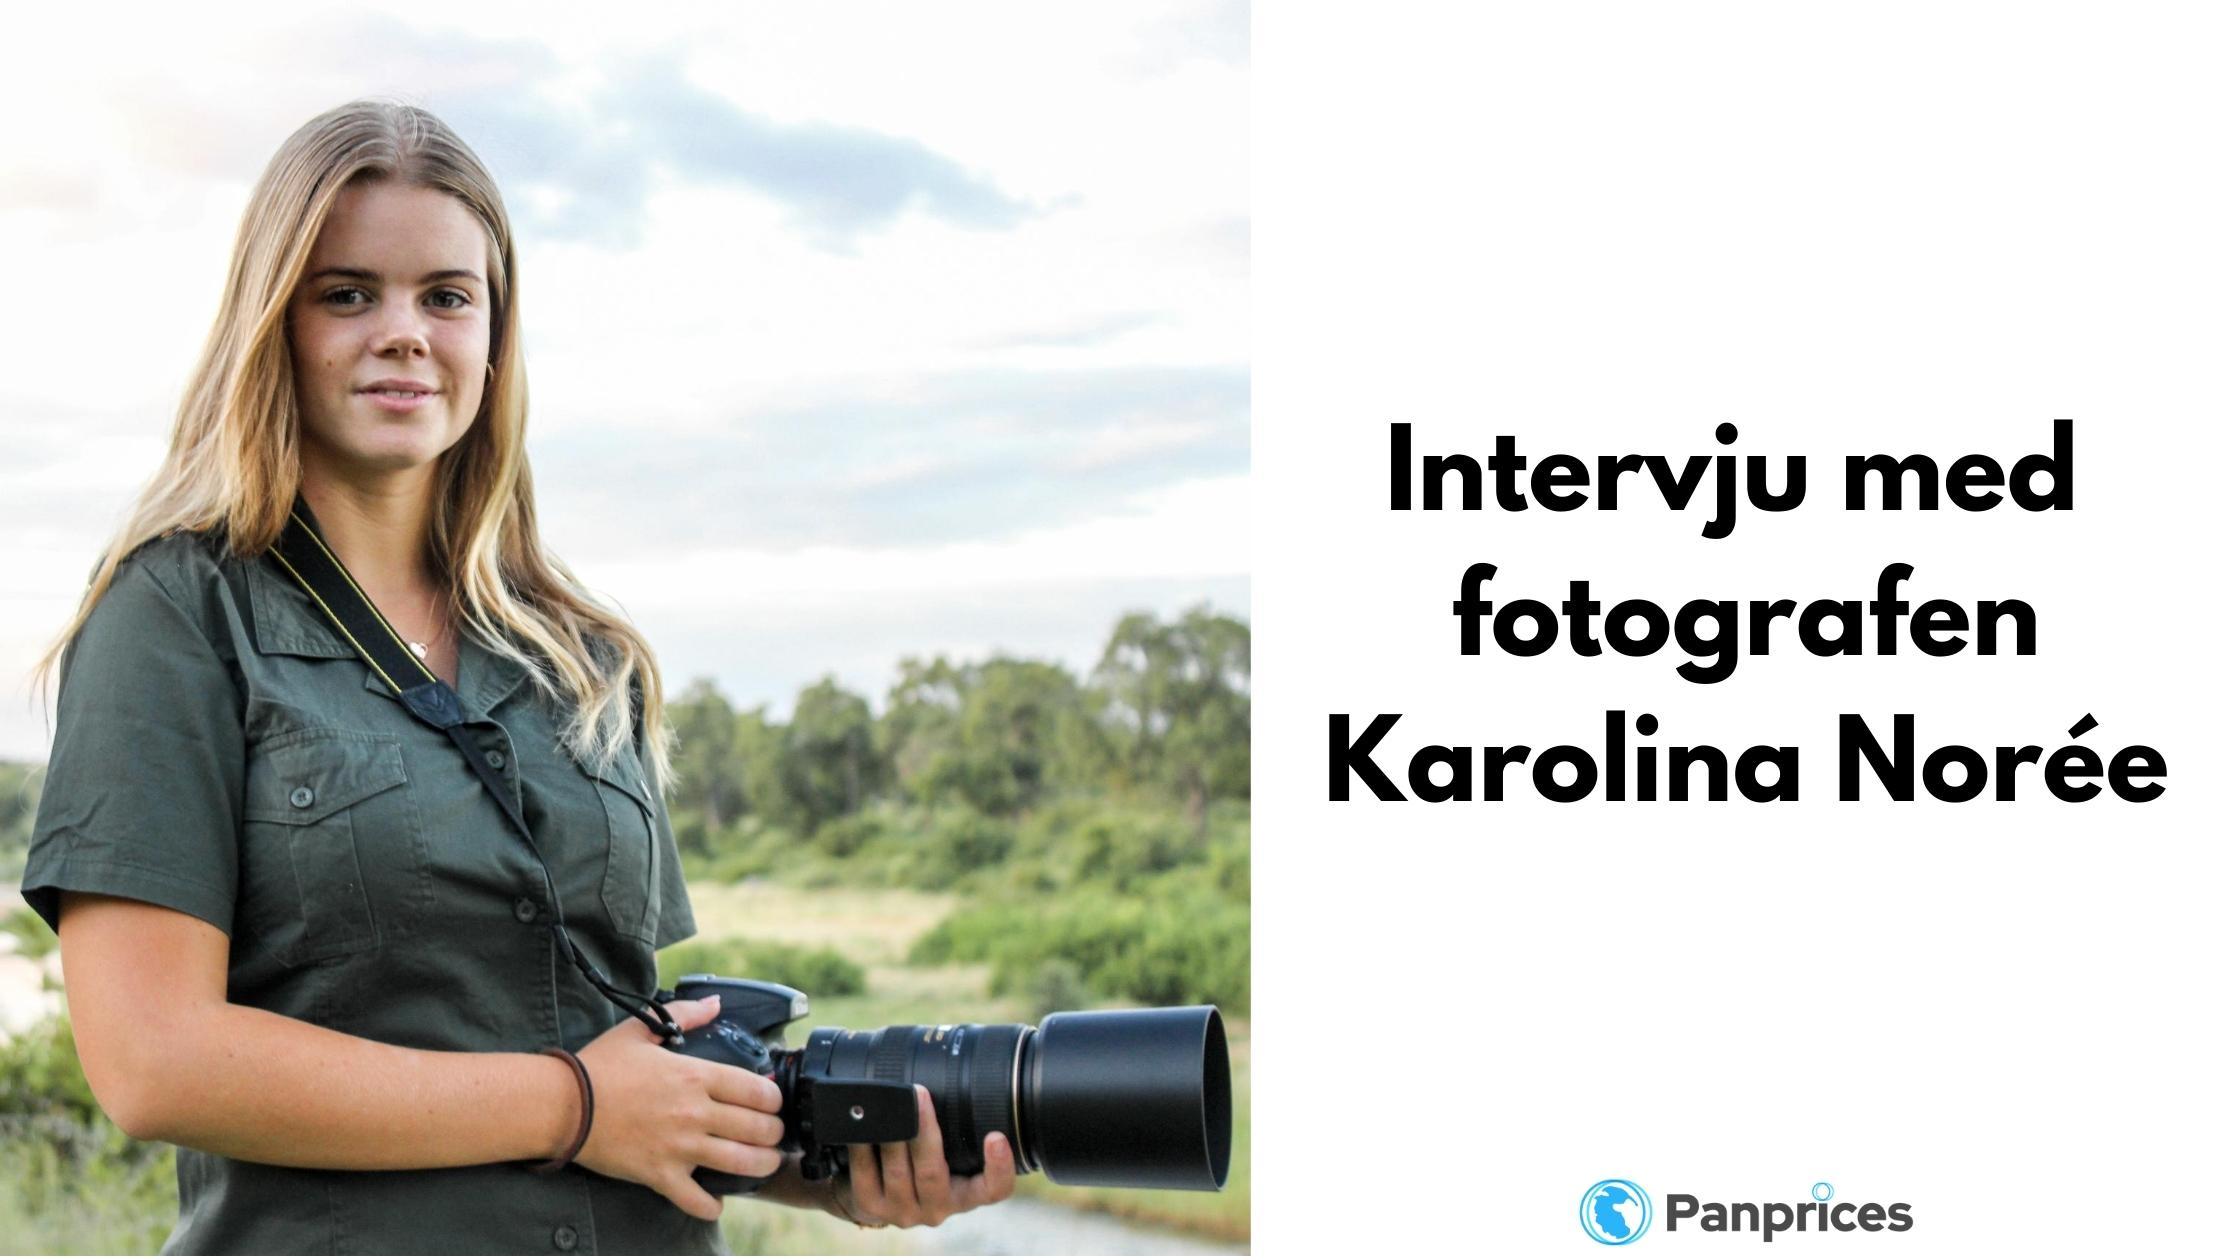 Intervju med wild life fotografen Karolina Norée